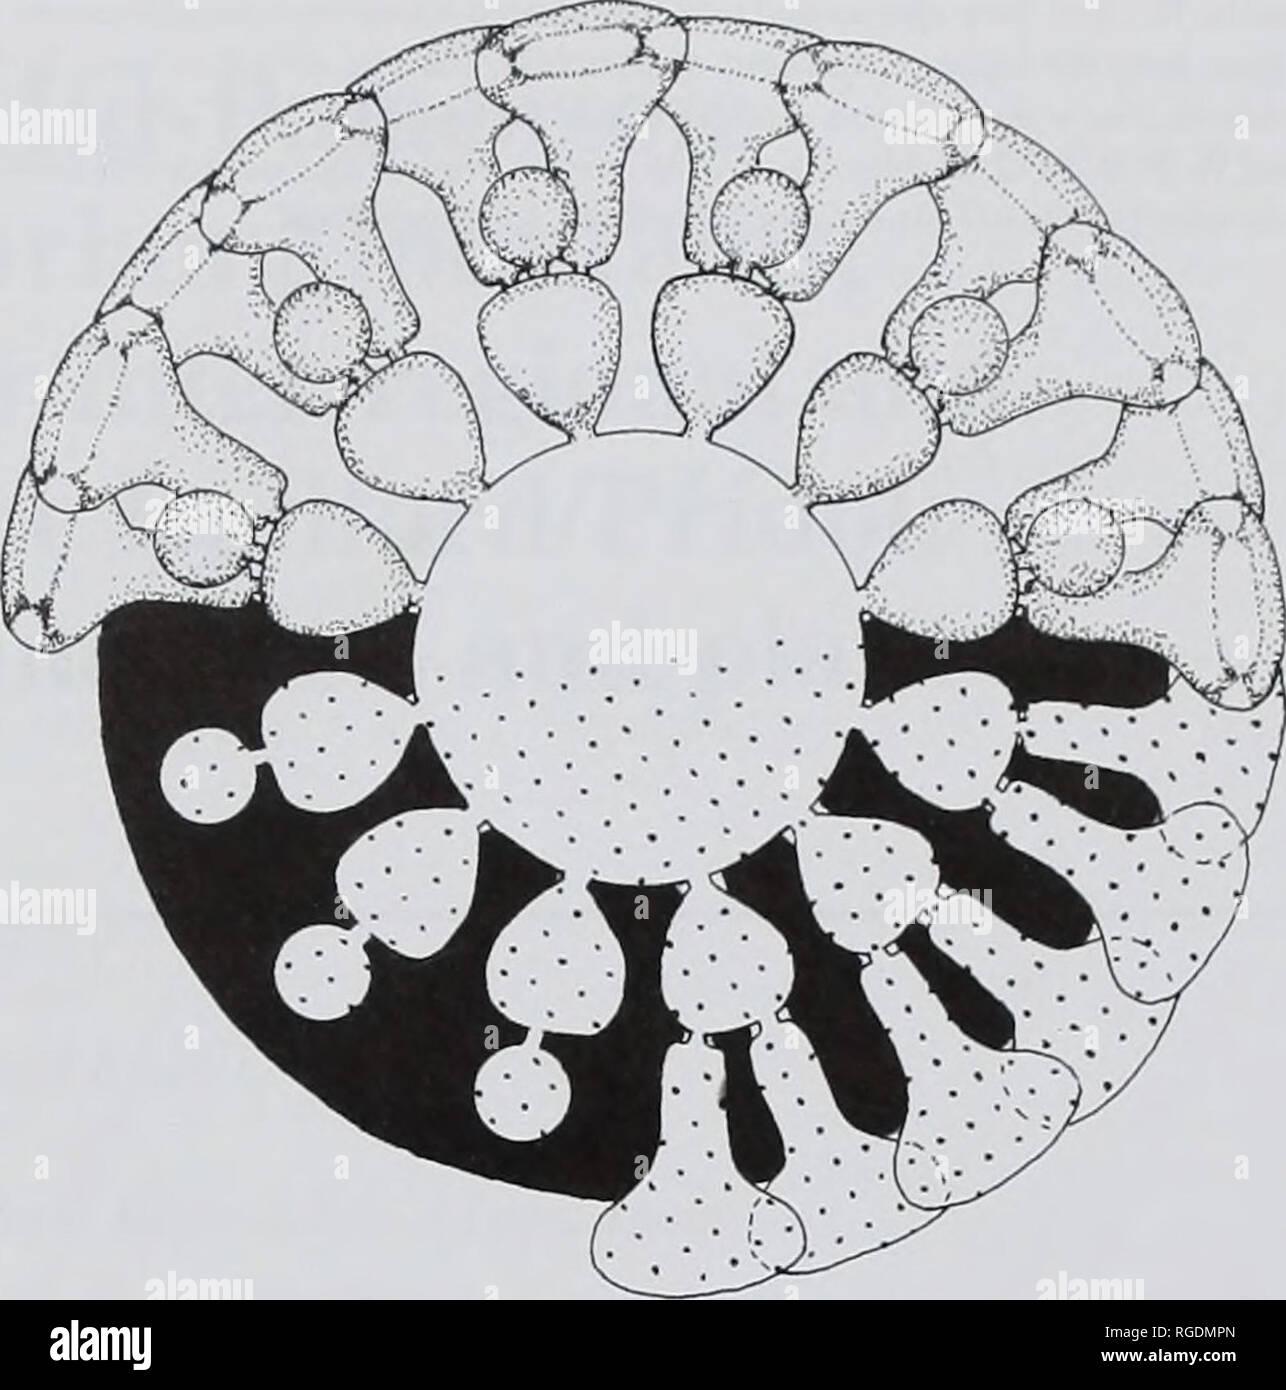 . Boletín del Museo Histort Natural. Geología series. Afinidad ACROPORELLA sistemática de la variabilidad oftlie ASSURBANIPALI 113 especies y algunos caracteres cualitativos tales como la forma de talo, laterales y los órganos reproductivos hubiera requerido más abundante material. El talo es cilíndrico y aparentemente simple. Laterales primarias están dispuestas en verticilos cerrar moderadamente. Su posición entre las espiras, alternados o en continuidad, no es evidente. Sin embargo son phloiophorous y bien fuerte, casi perpendicular al eje del tallo. La sección transversal de los poros es primordial Foto de stock